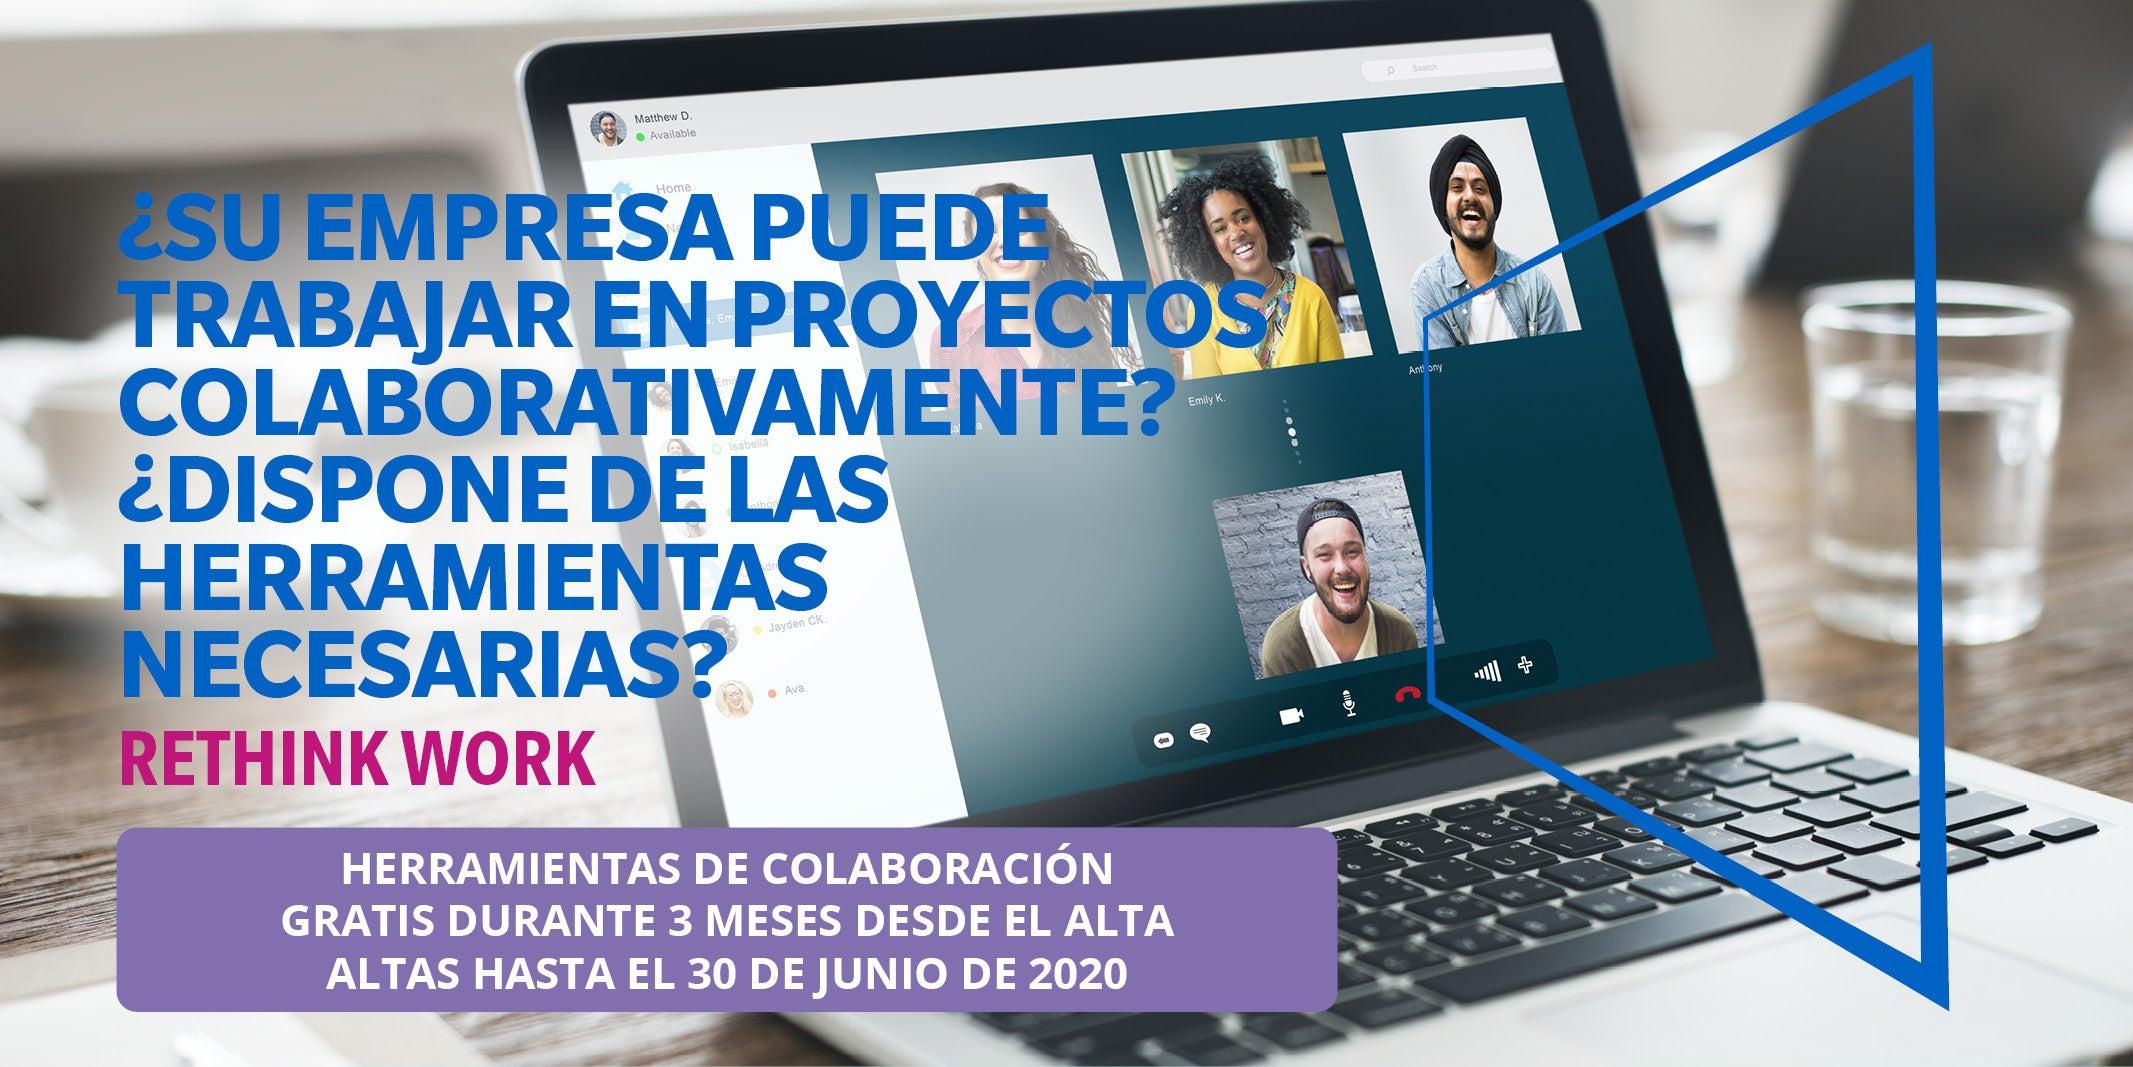 Herramientas de colaboración gratis hasta el 30 de junio